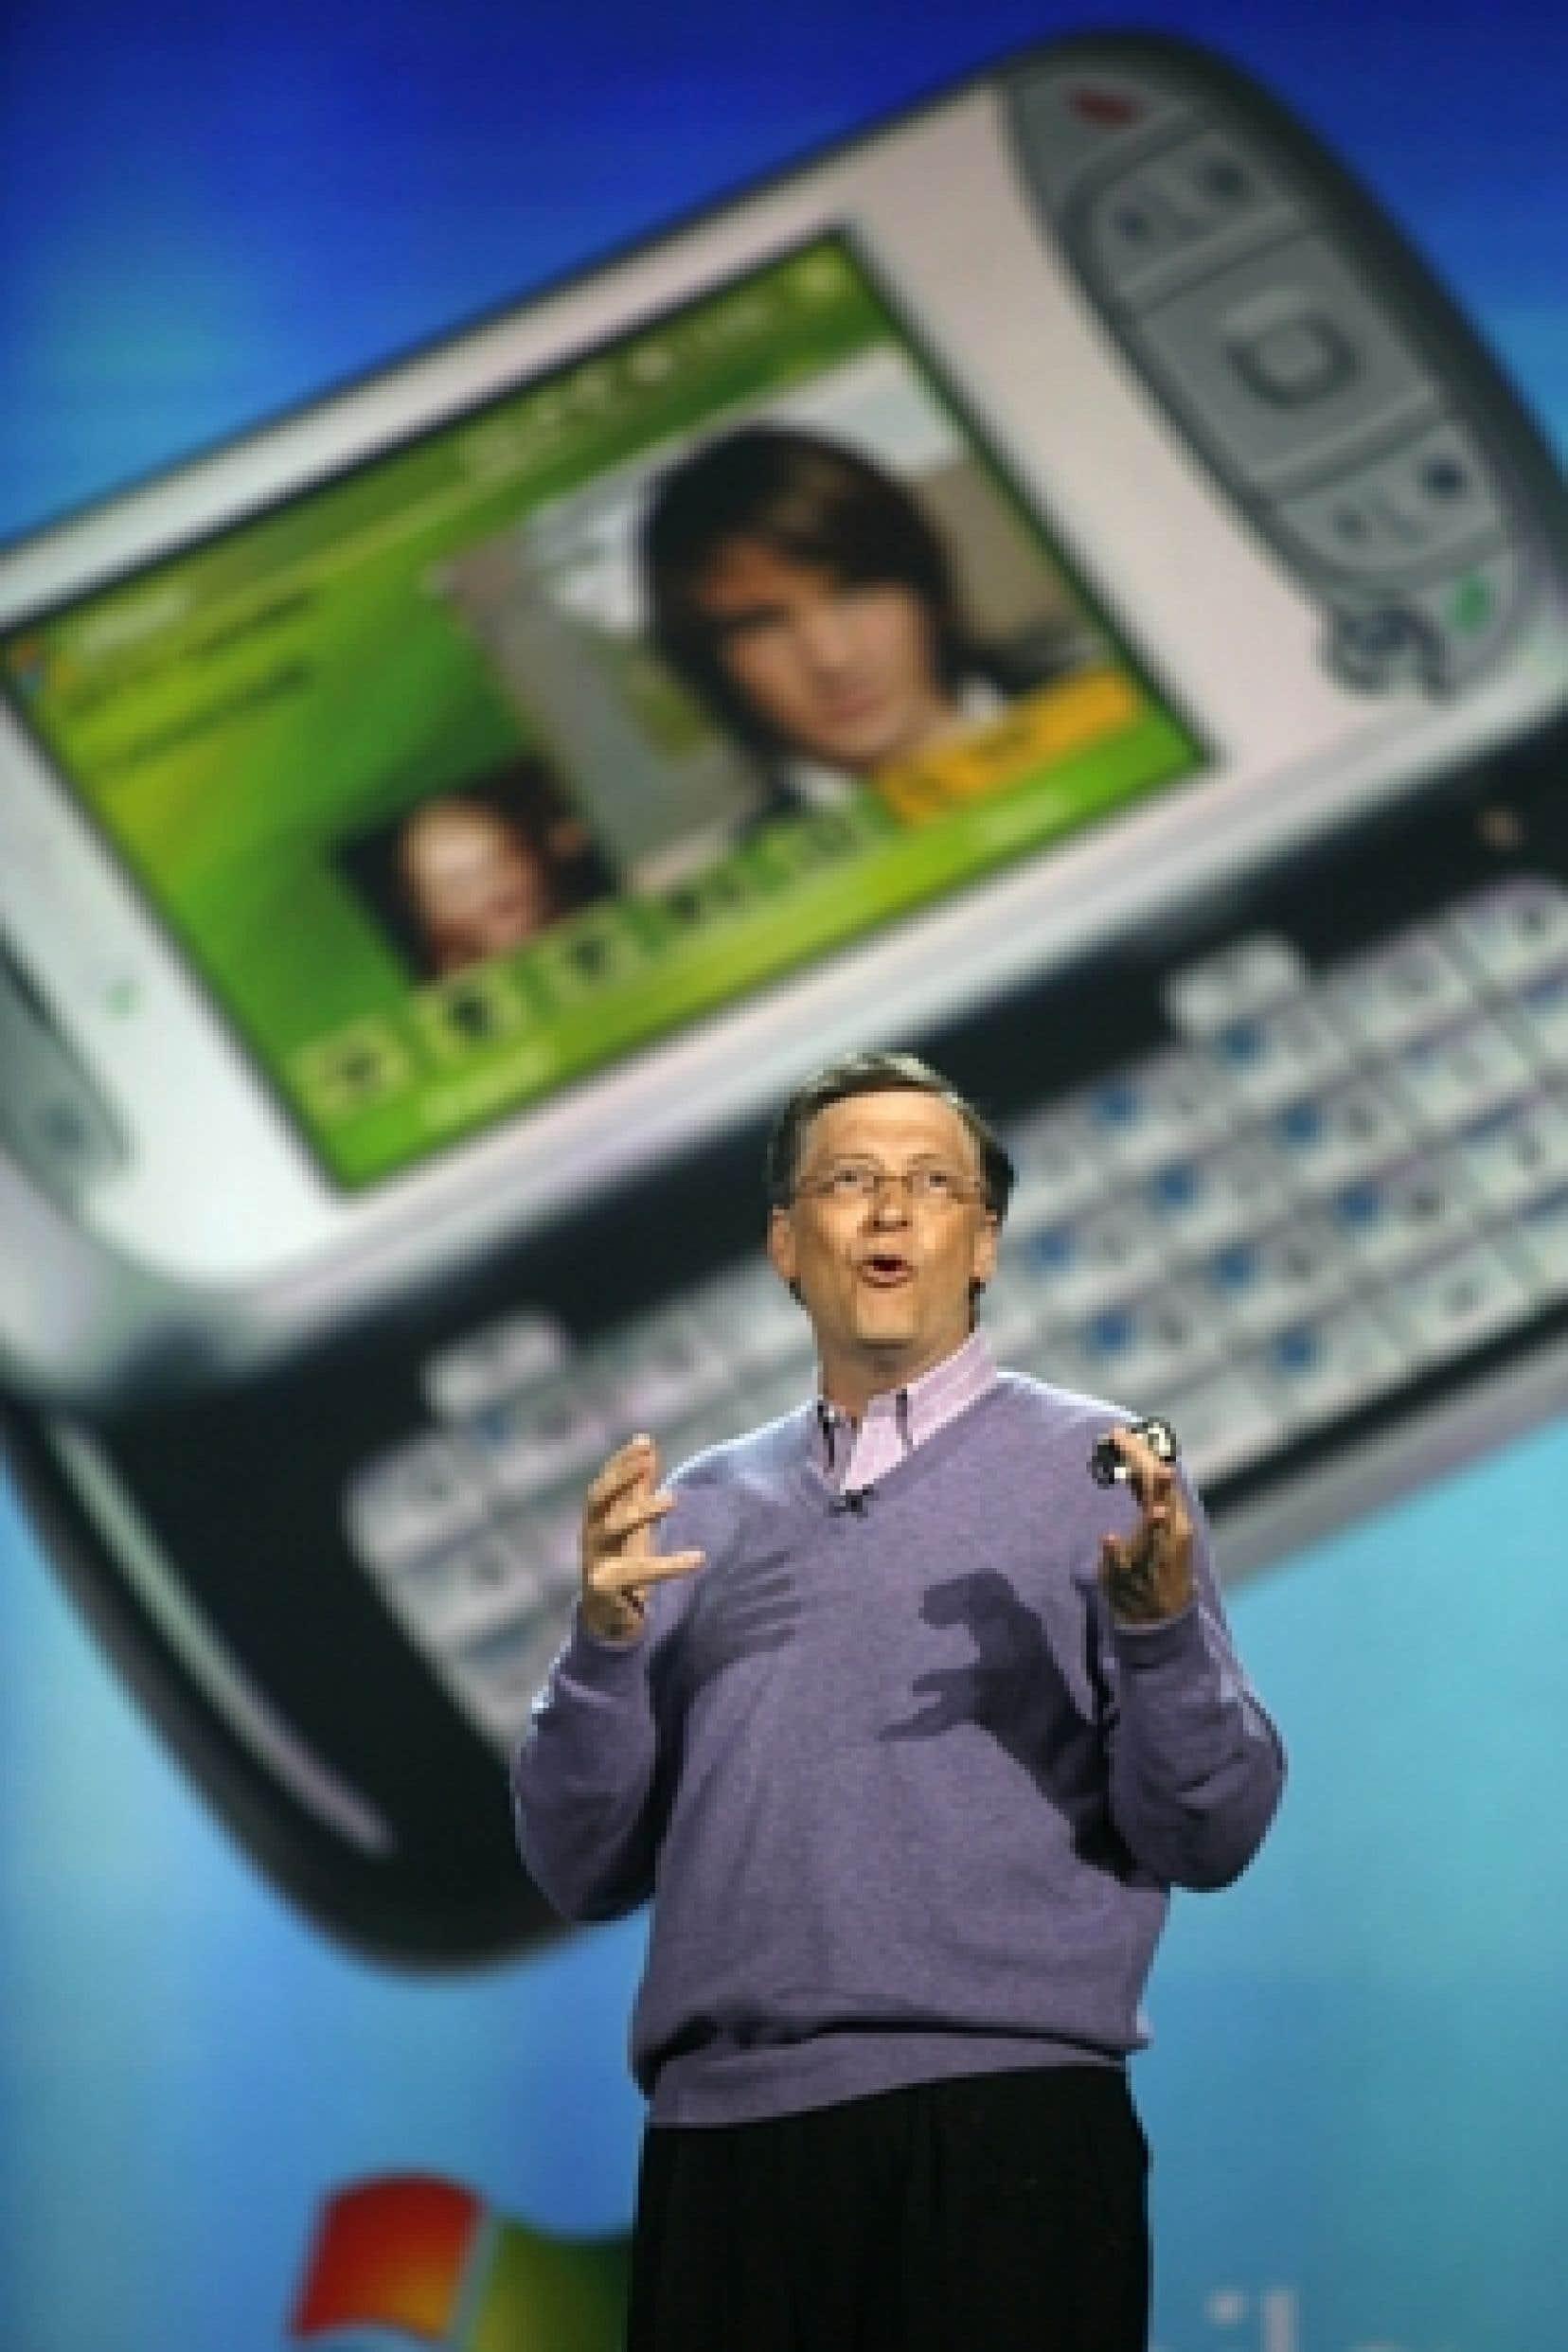 Bill Gates a prononcé dimanche soir ce qui devrait être son dernier discours inaugural du Consumer Electronics Show de Las Vegas. Le cofondateur de Microsoft quittera en effet en juillet prochain son poste de directeur technique de Microsoft pour se co